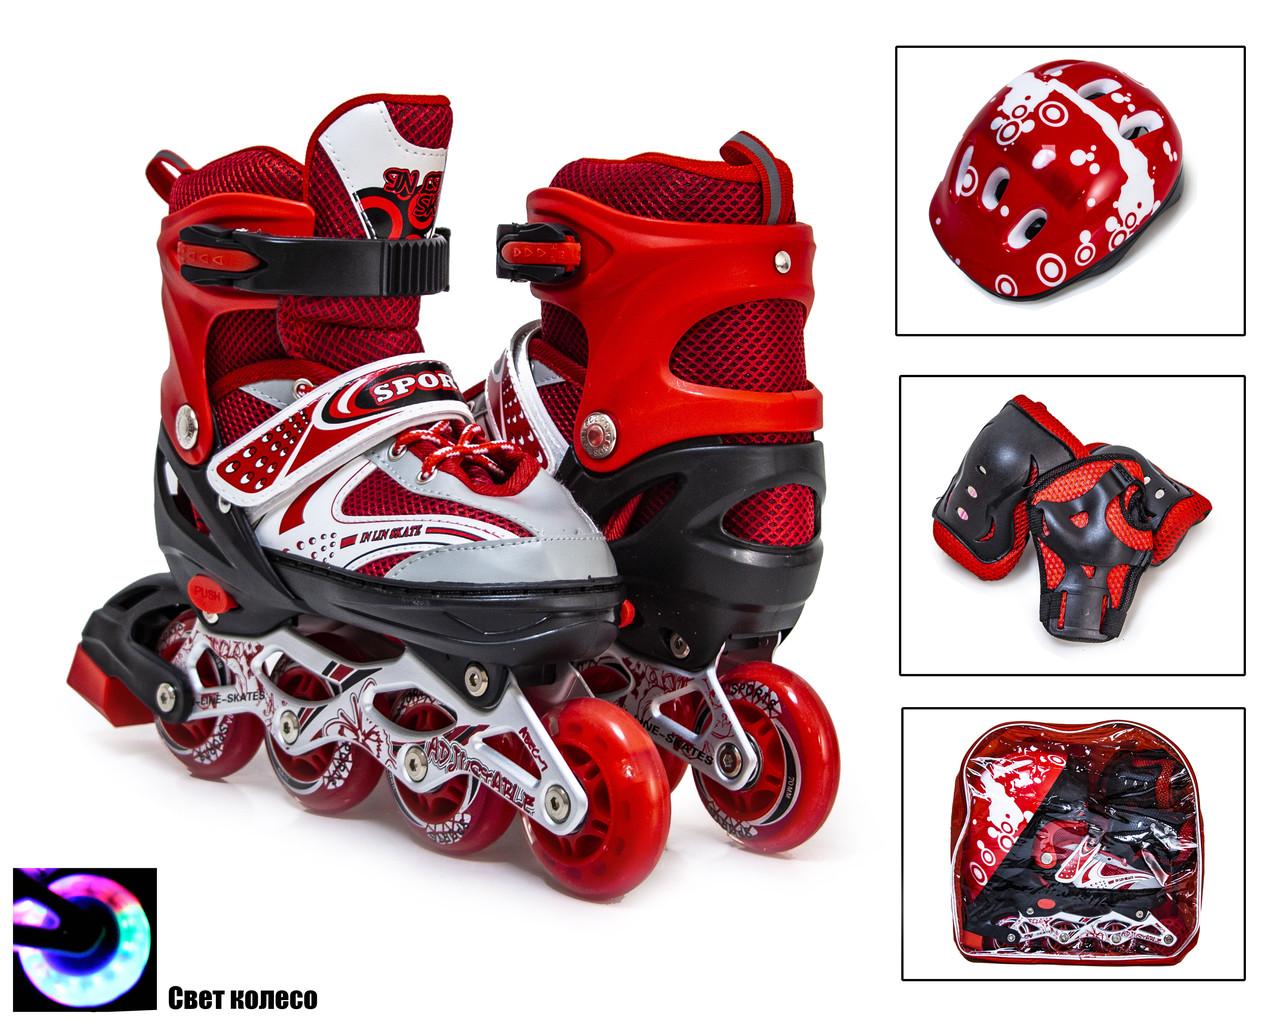 Комплект роликовые коньки Happy Red размер 34-37, красные светящиеся колеса